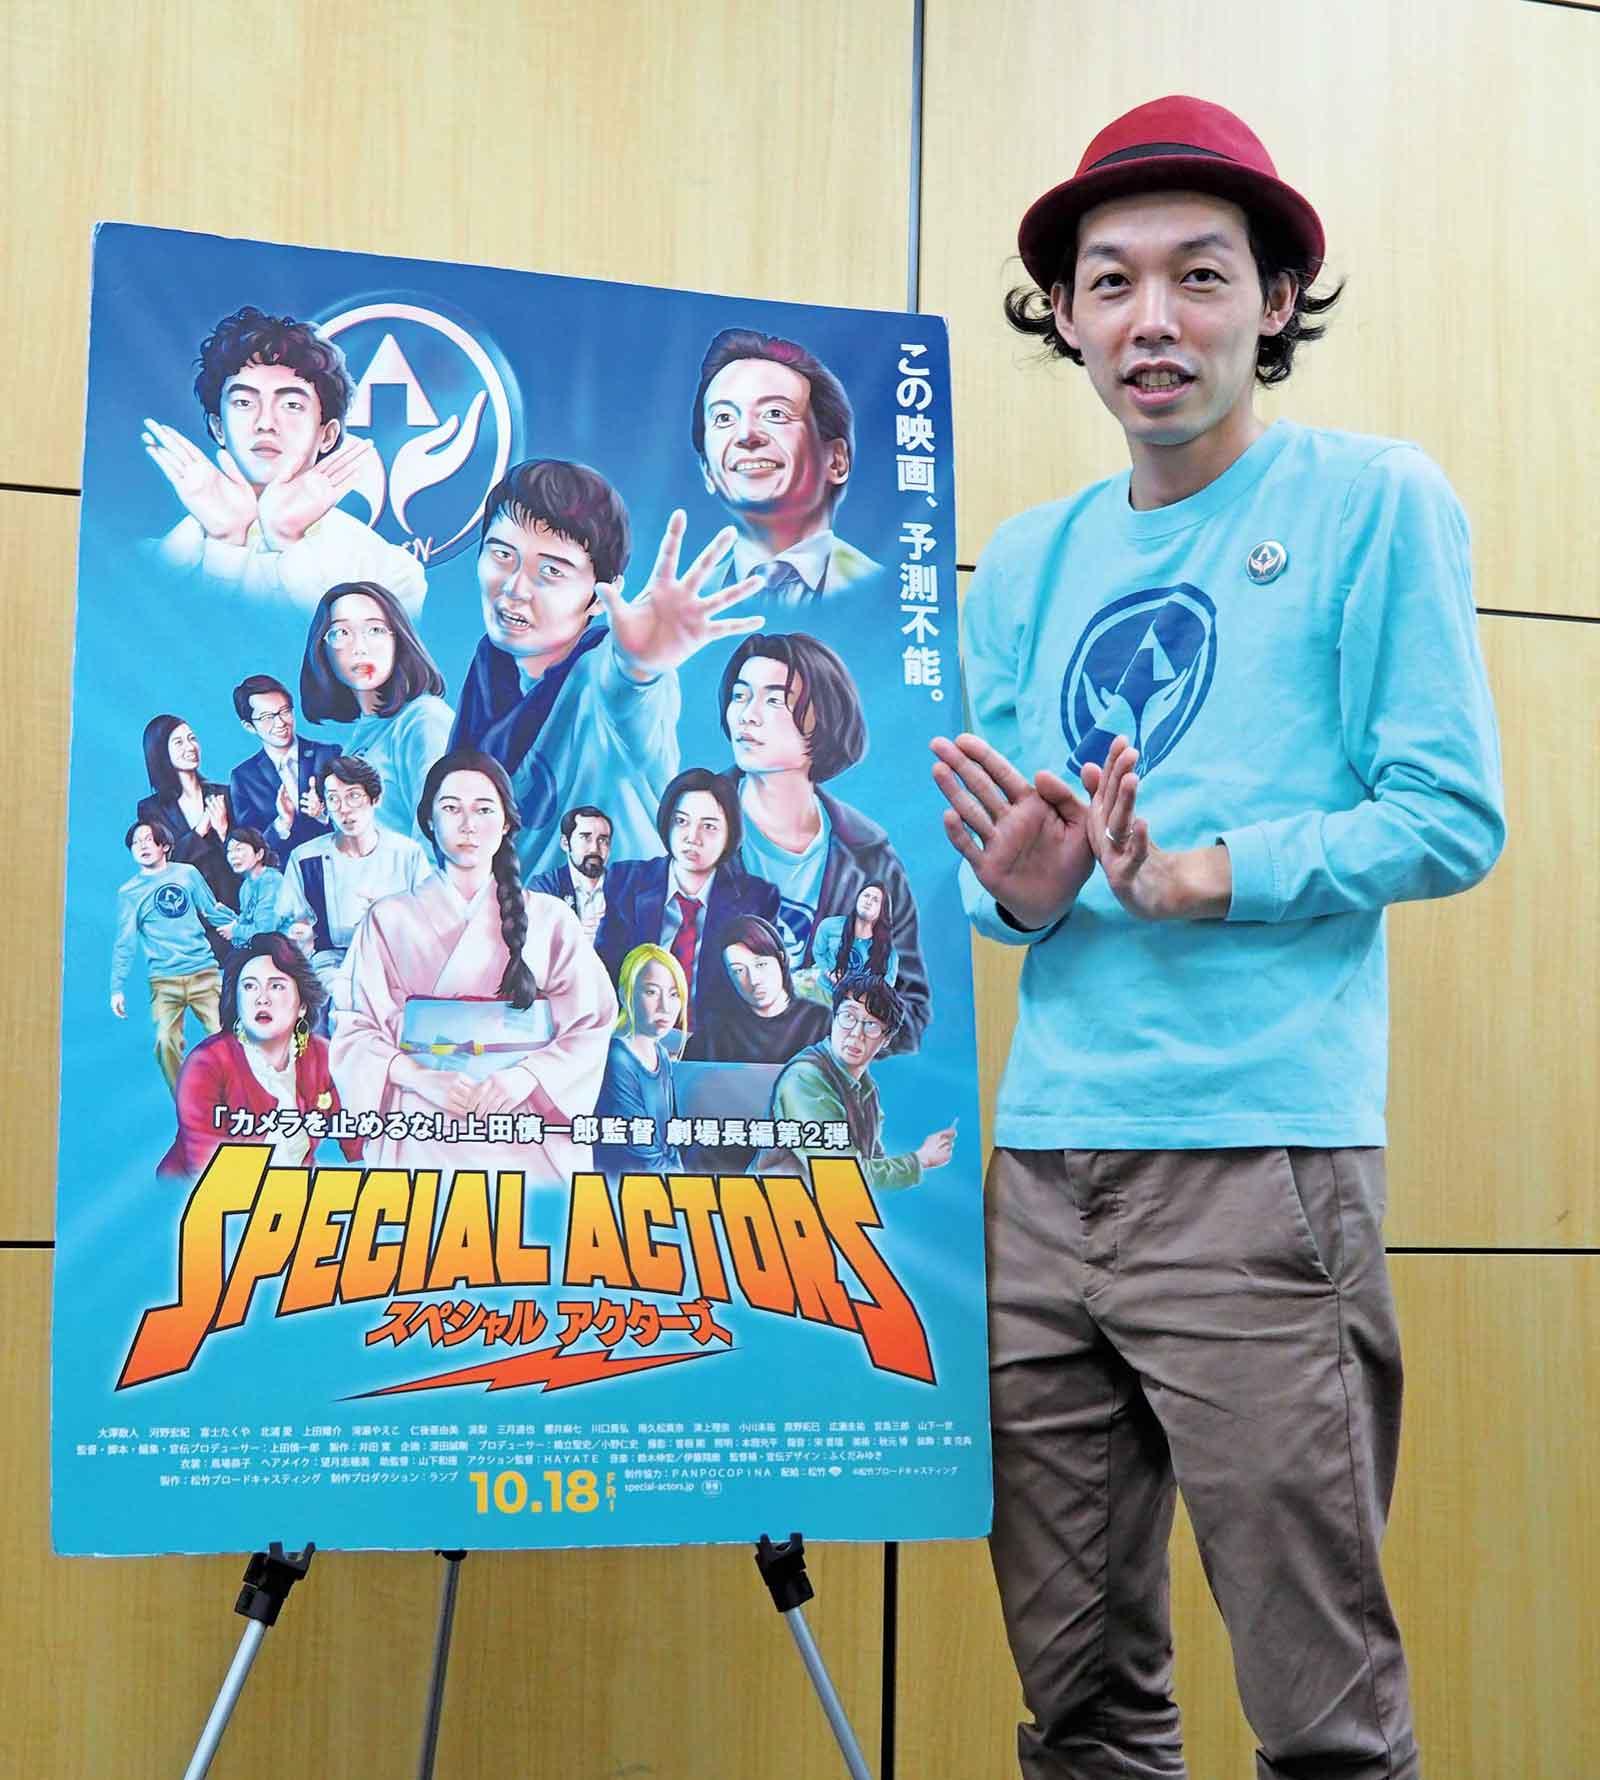 『スペシャルアクターズ』日本版劇場公開ポスターと上田慎一郎監督。このポーズと水色ロングTシャツの意味するところは、映画を見てのお楽しみ。